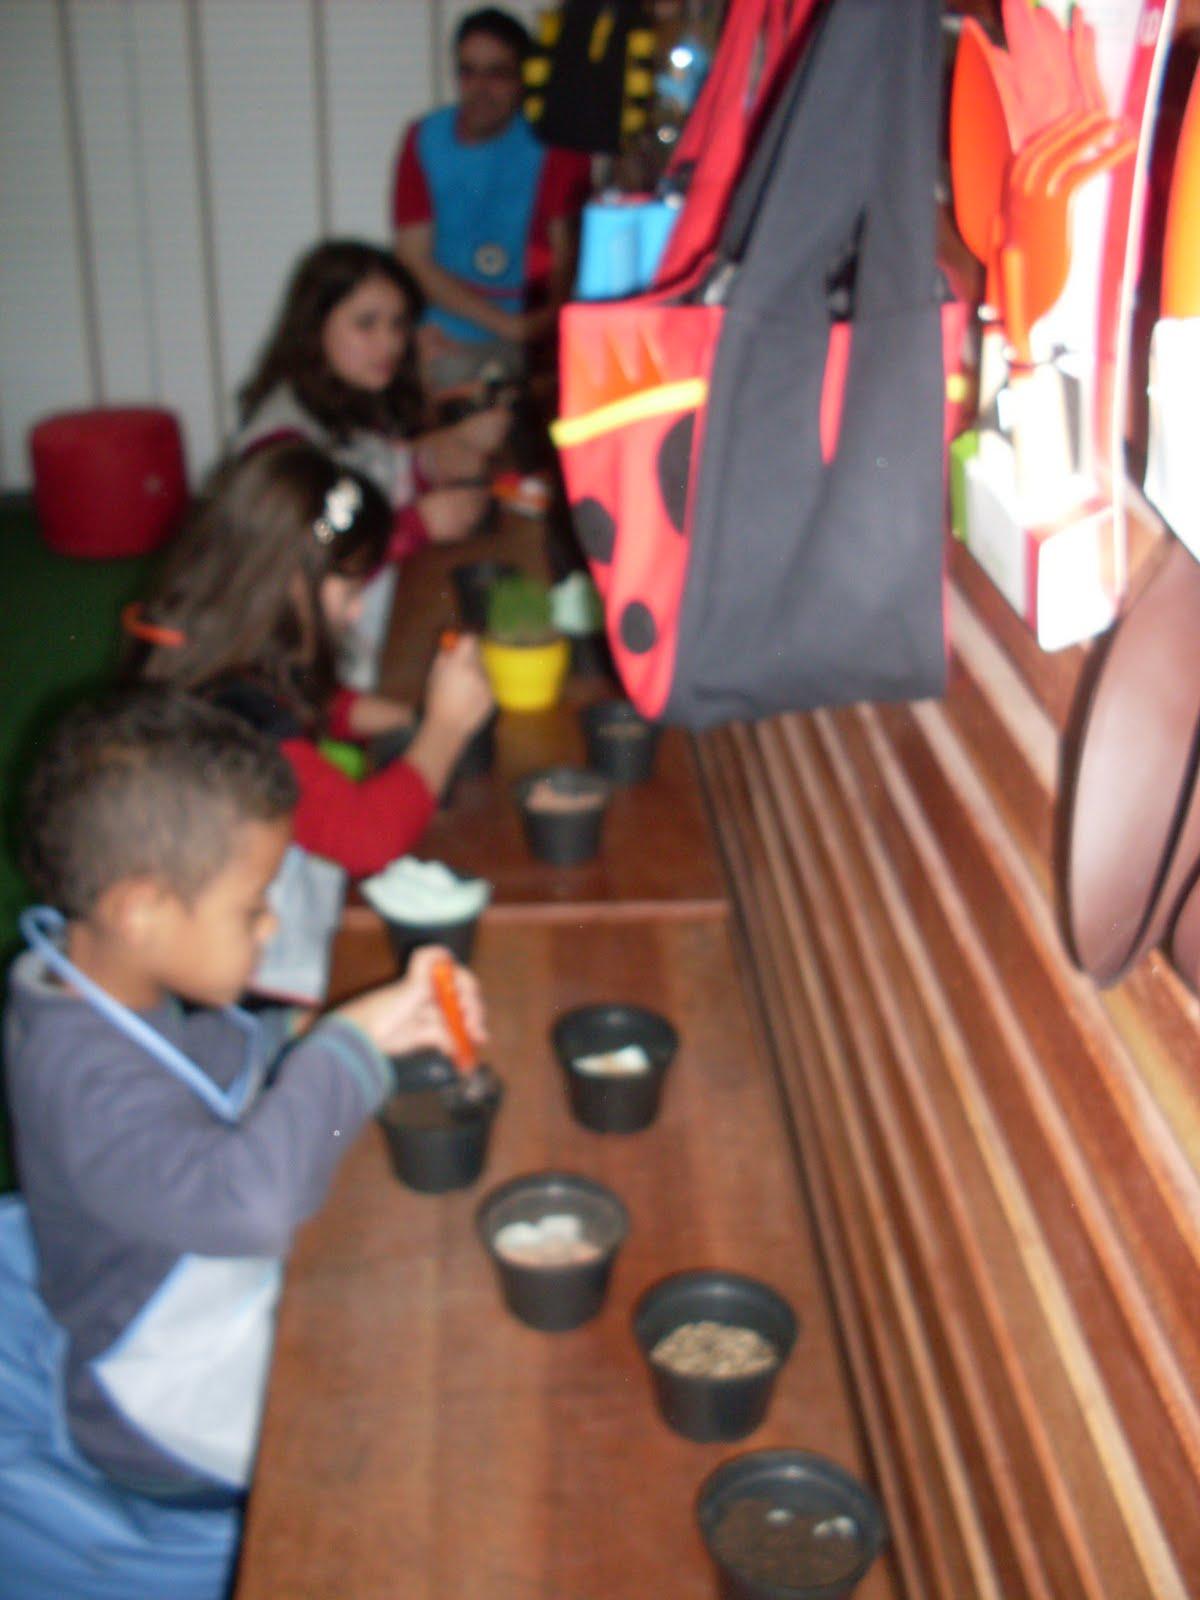 girassol anao de jardim:Nesta foto o paisagista ensina as crianças a plantarem ALPISTE